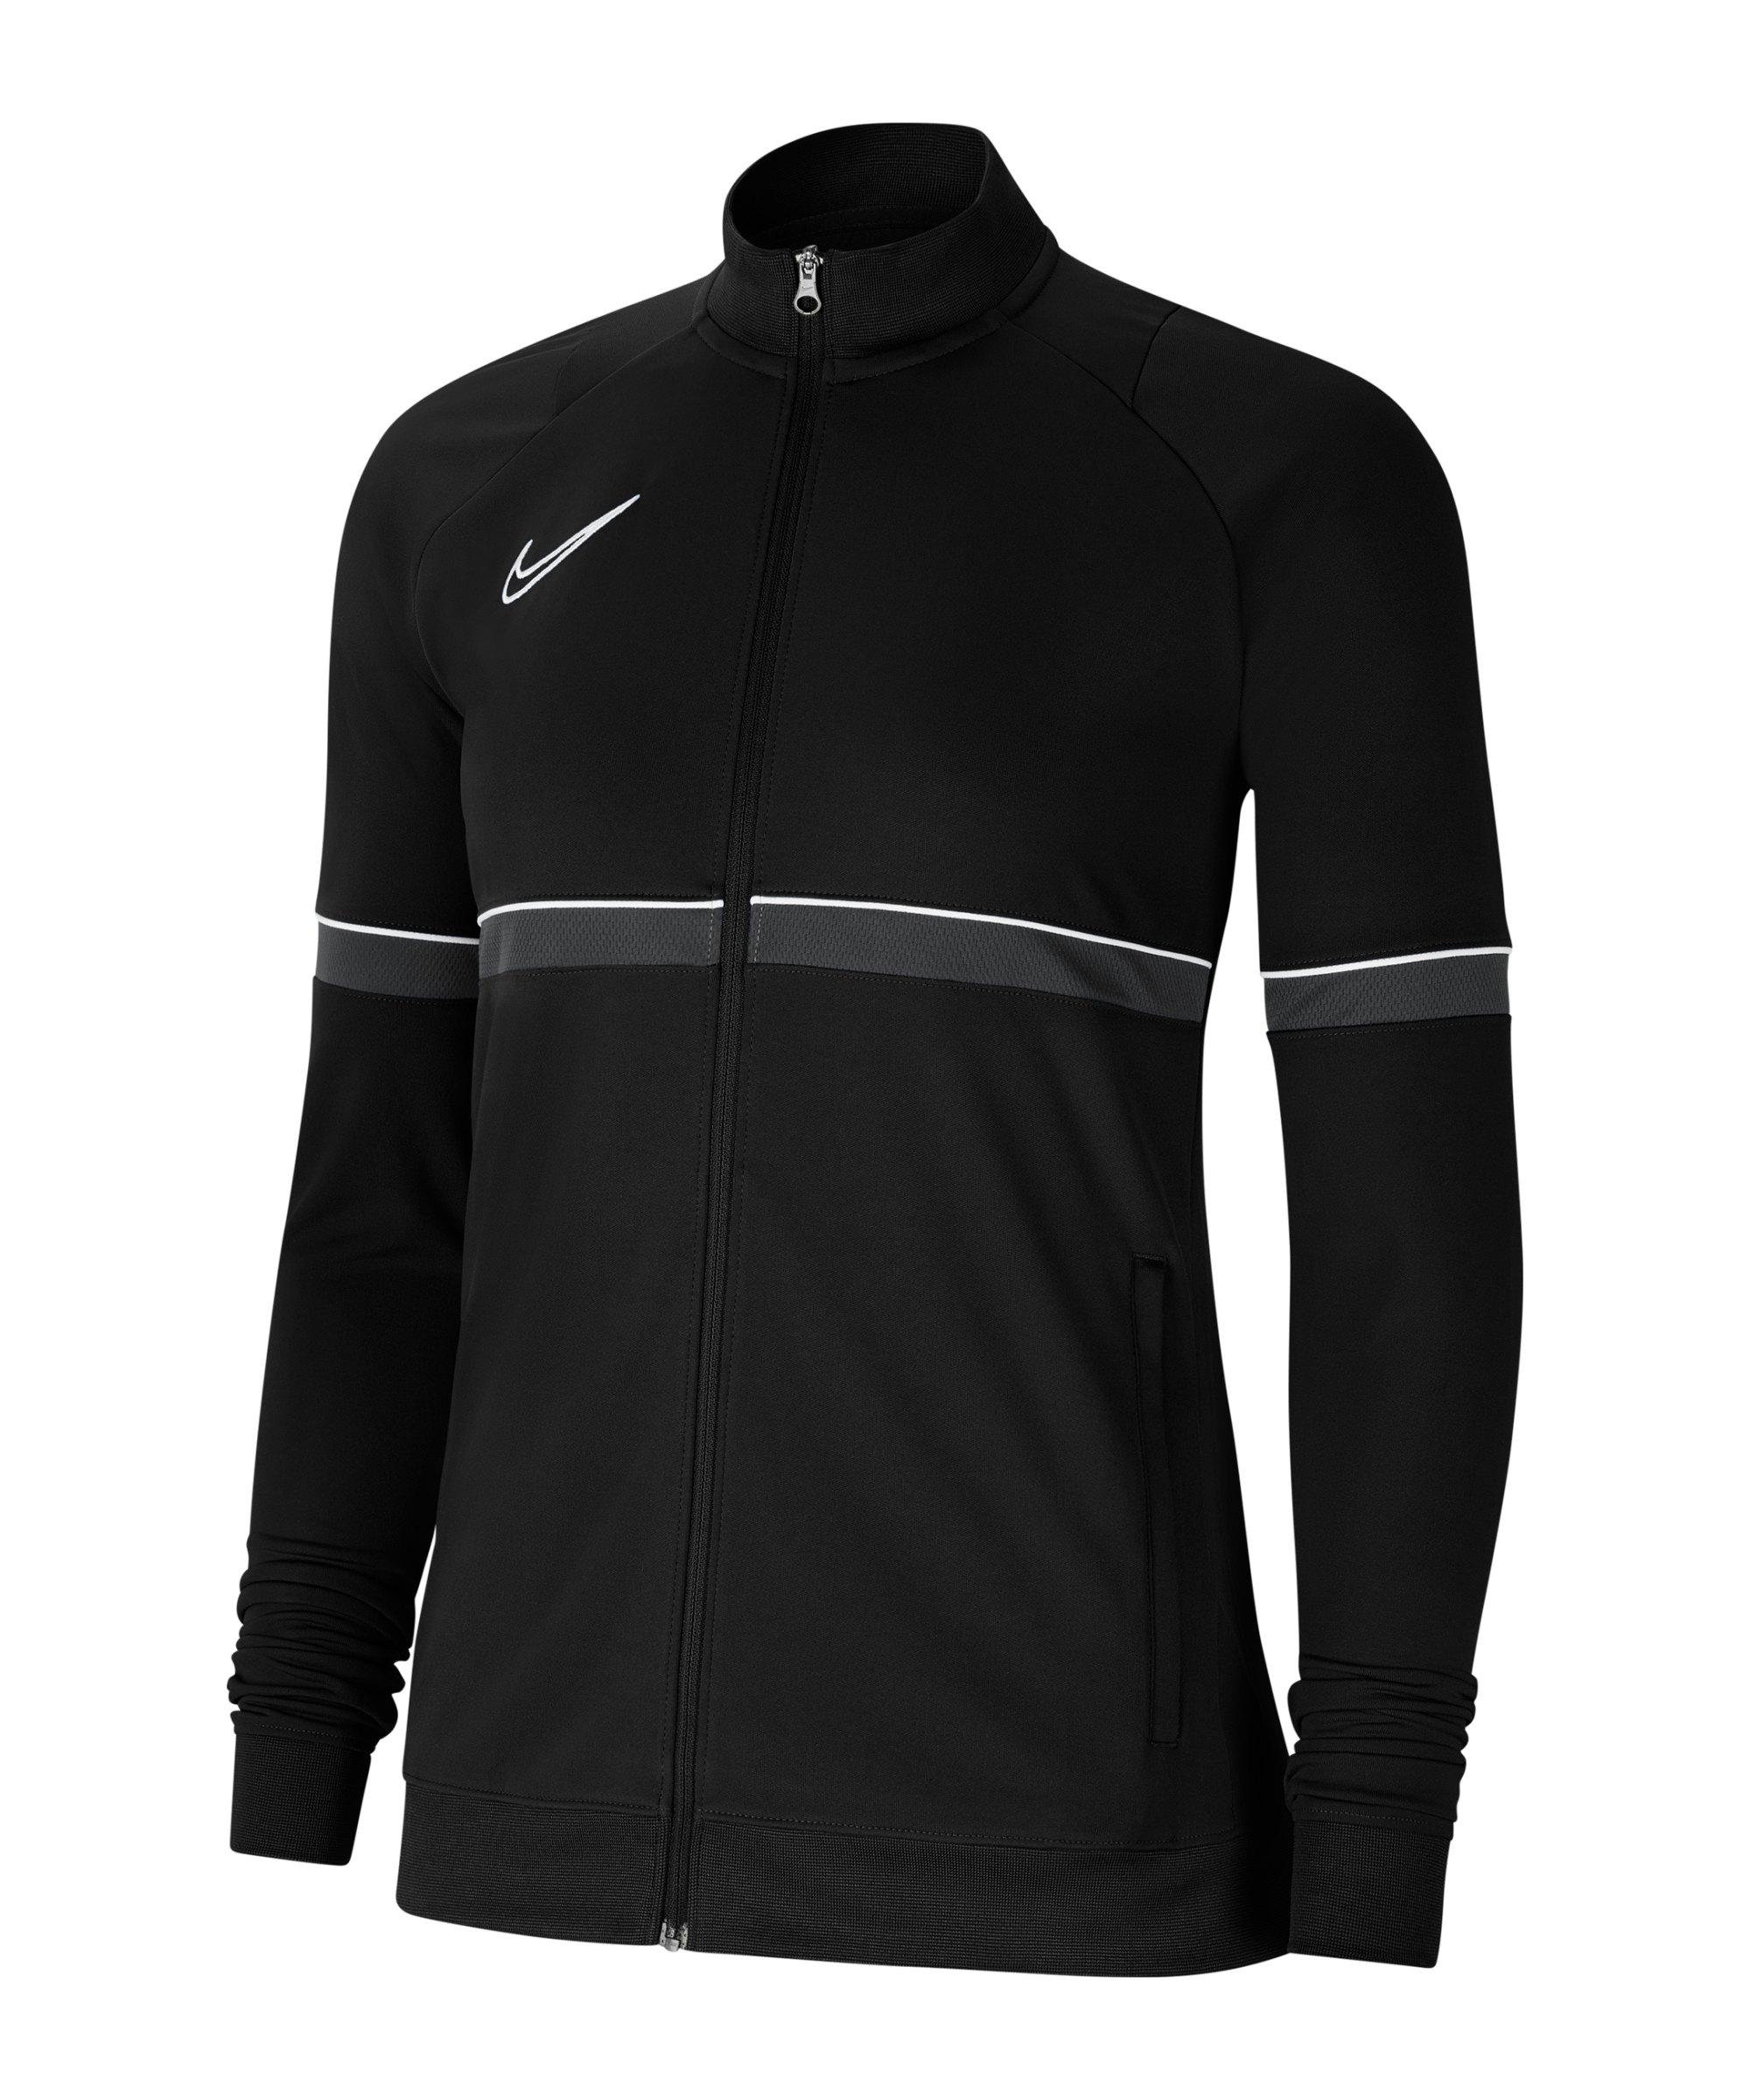 Nike Academy 21 Trainingsjacke Damen Schwarz F014 - schwarz